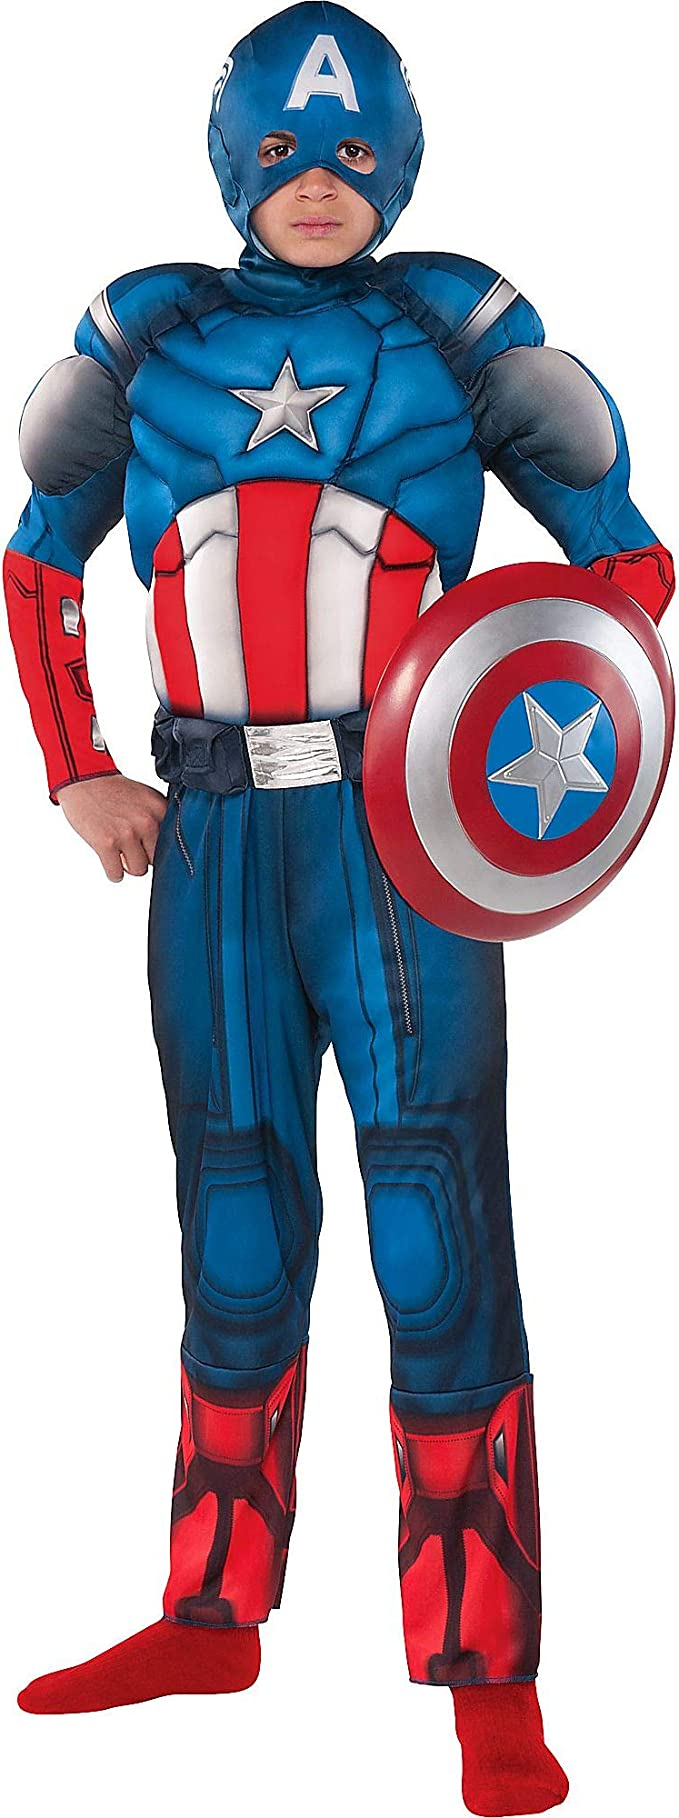 Costumes USA Disfraz de Capitán América para niños, talla pequeña ...